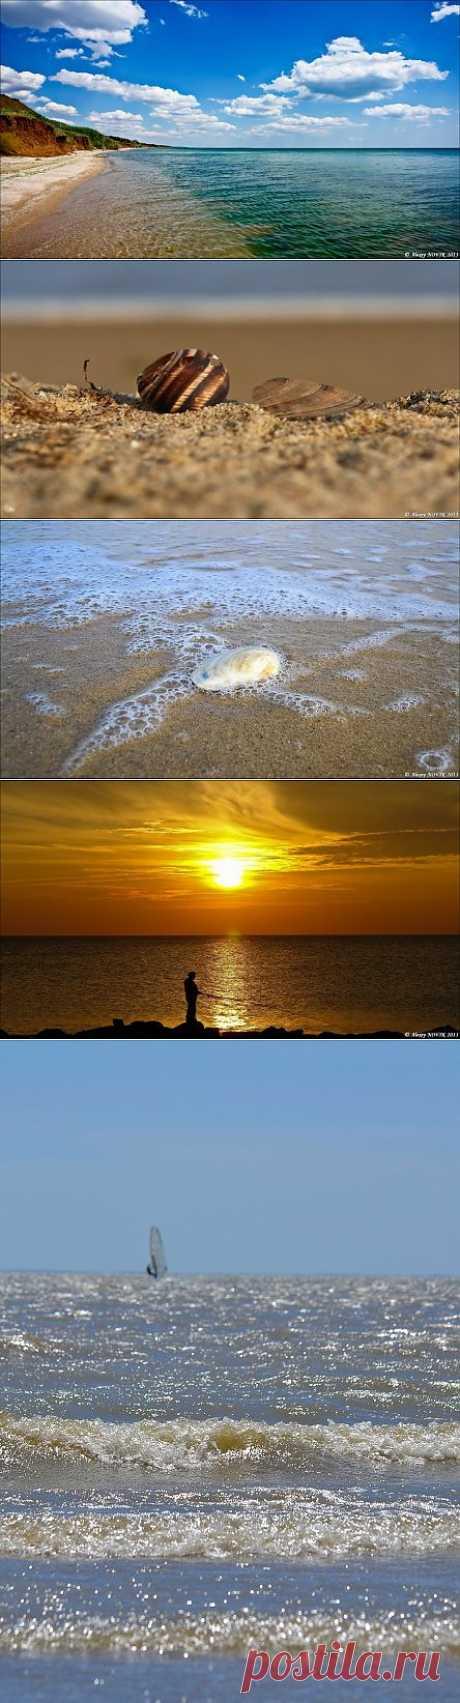 Фотозарисовка. Морское настроение | Фотоискусство